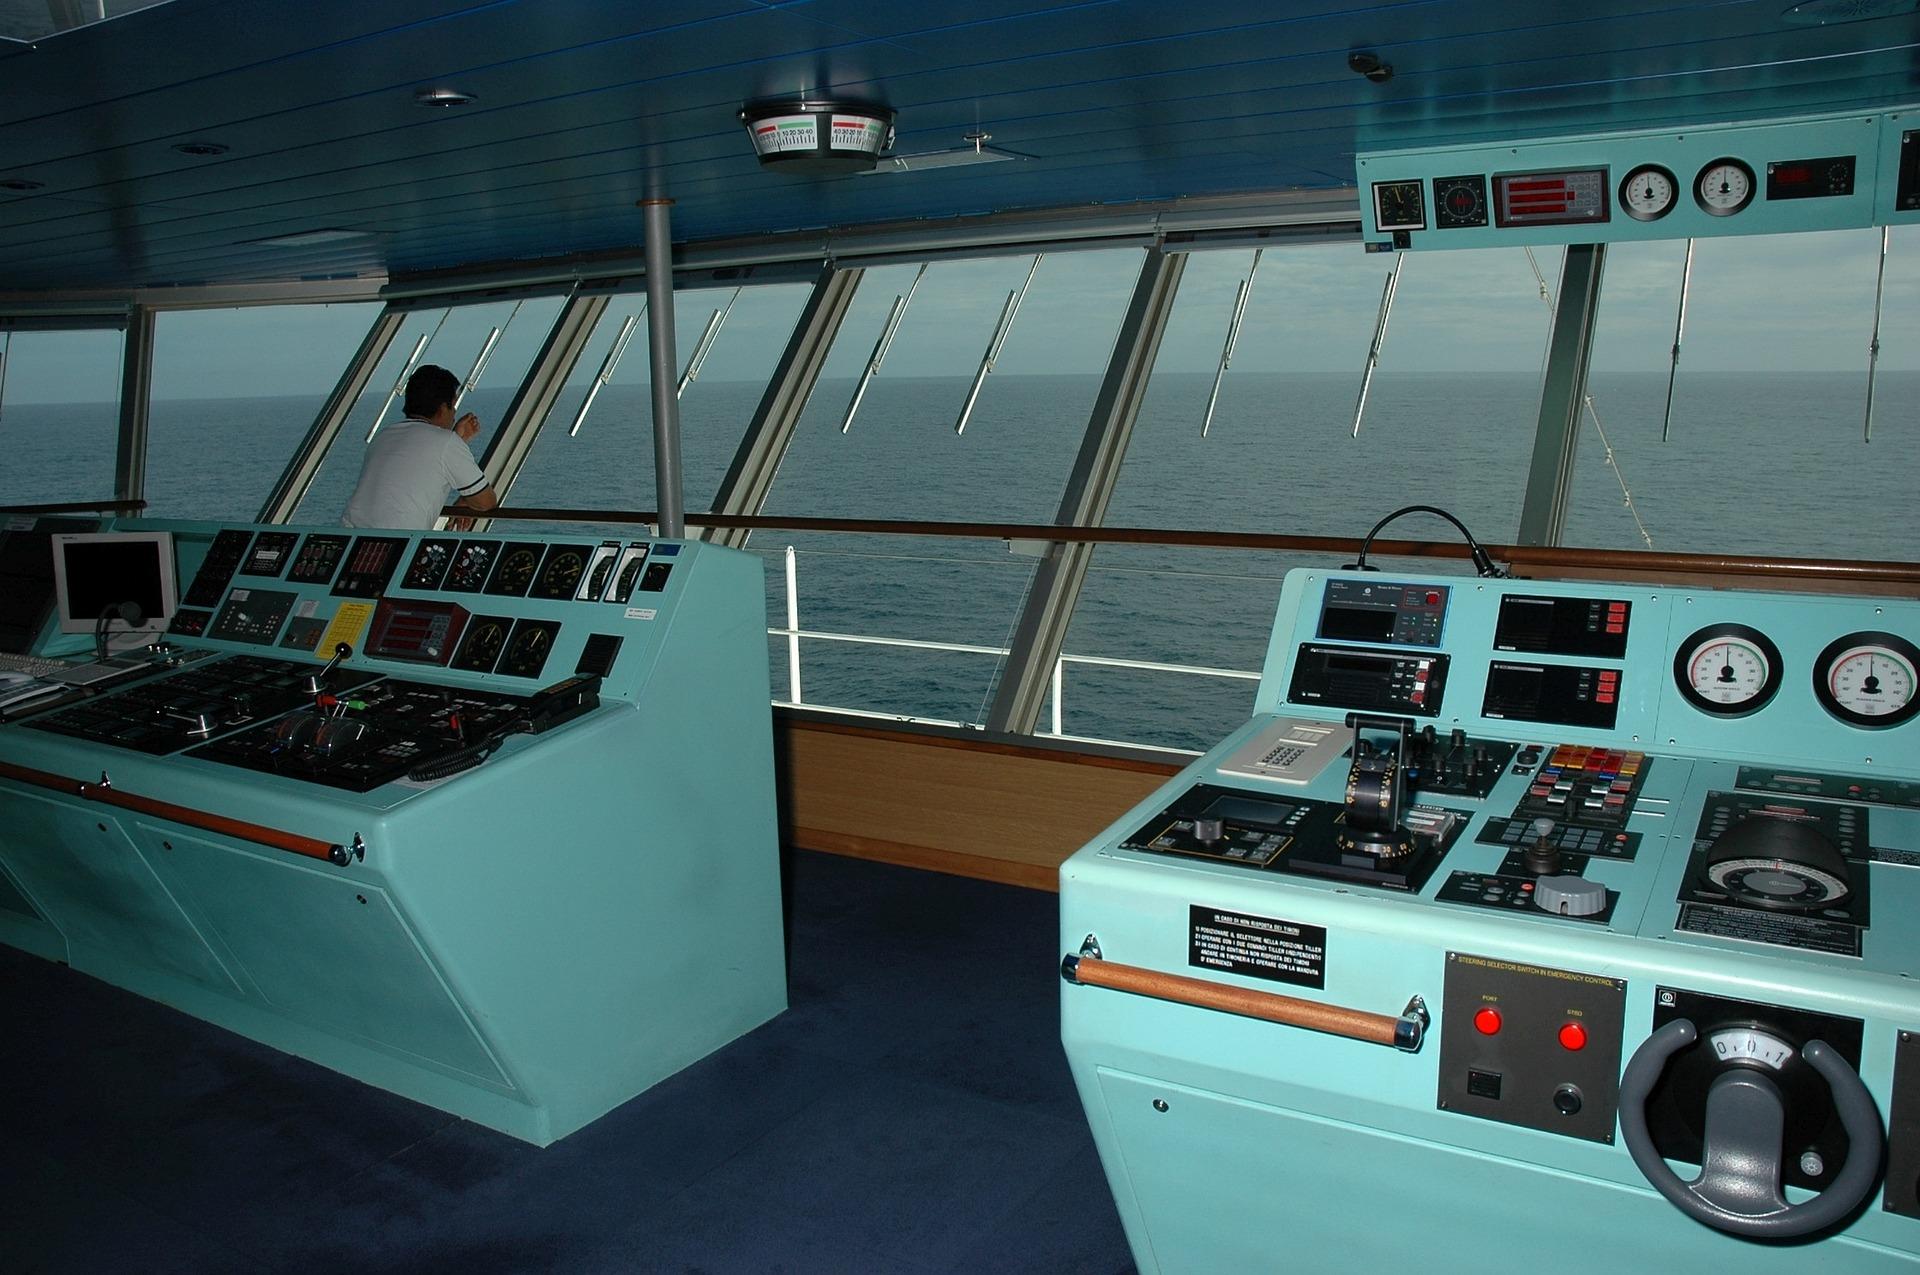 skibsfører kaptajn navigation skib